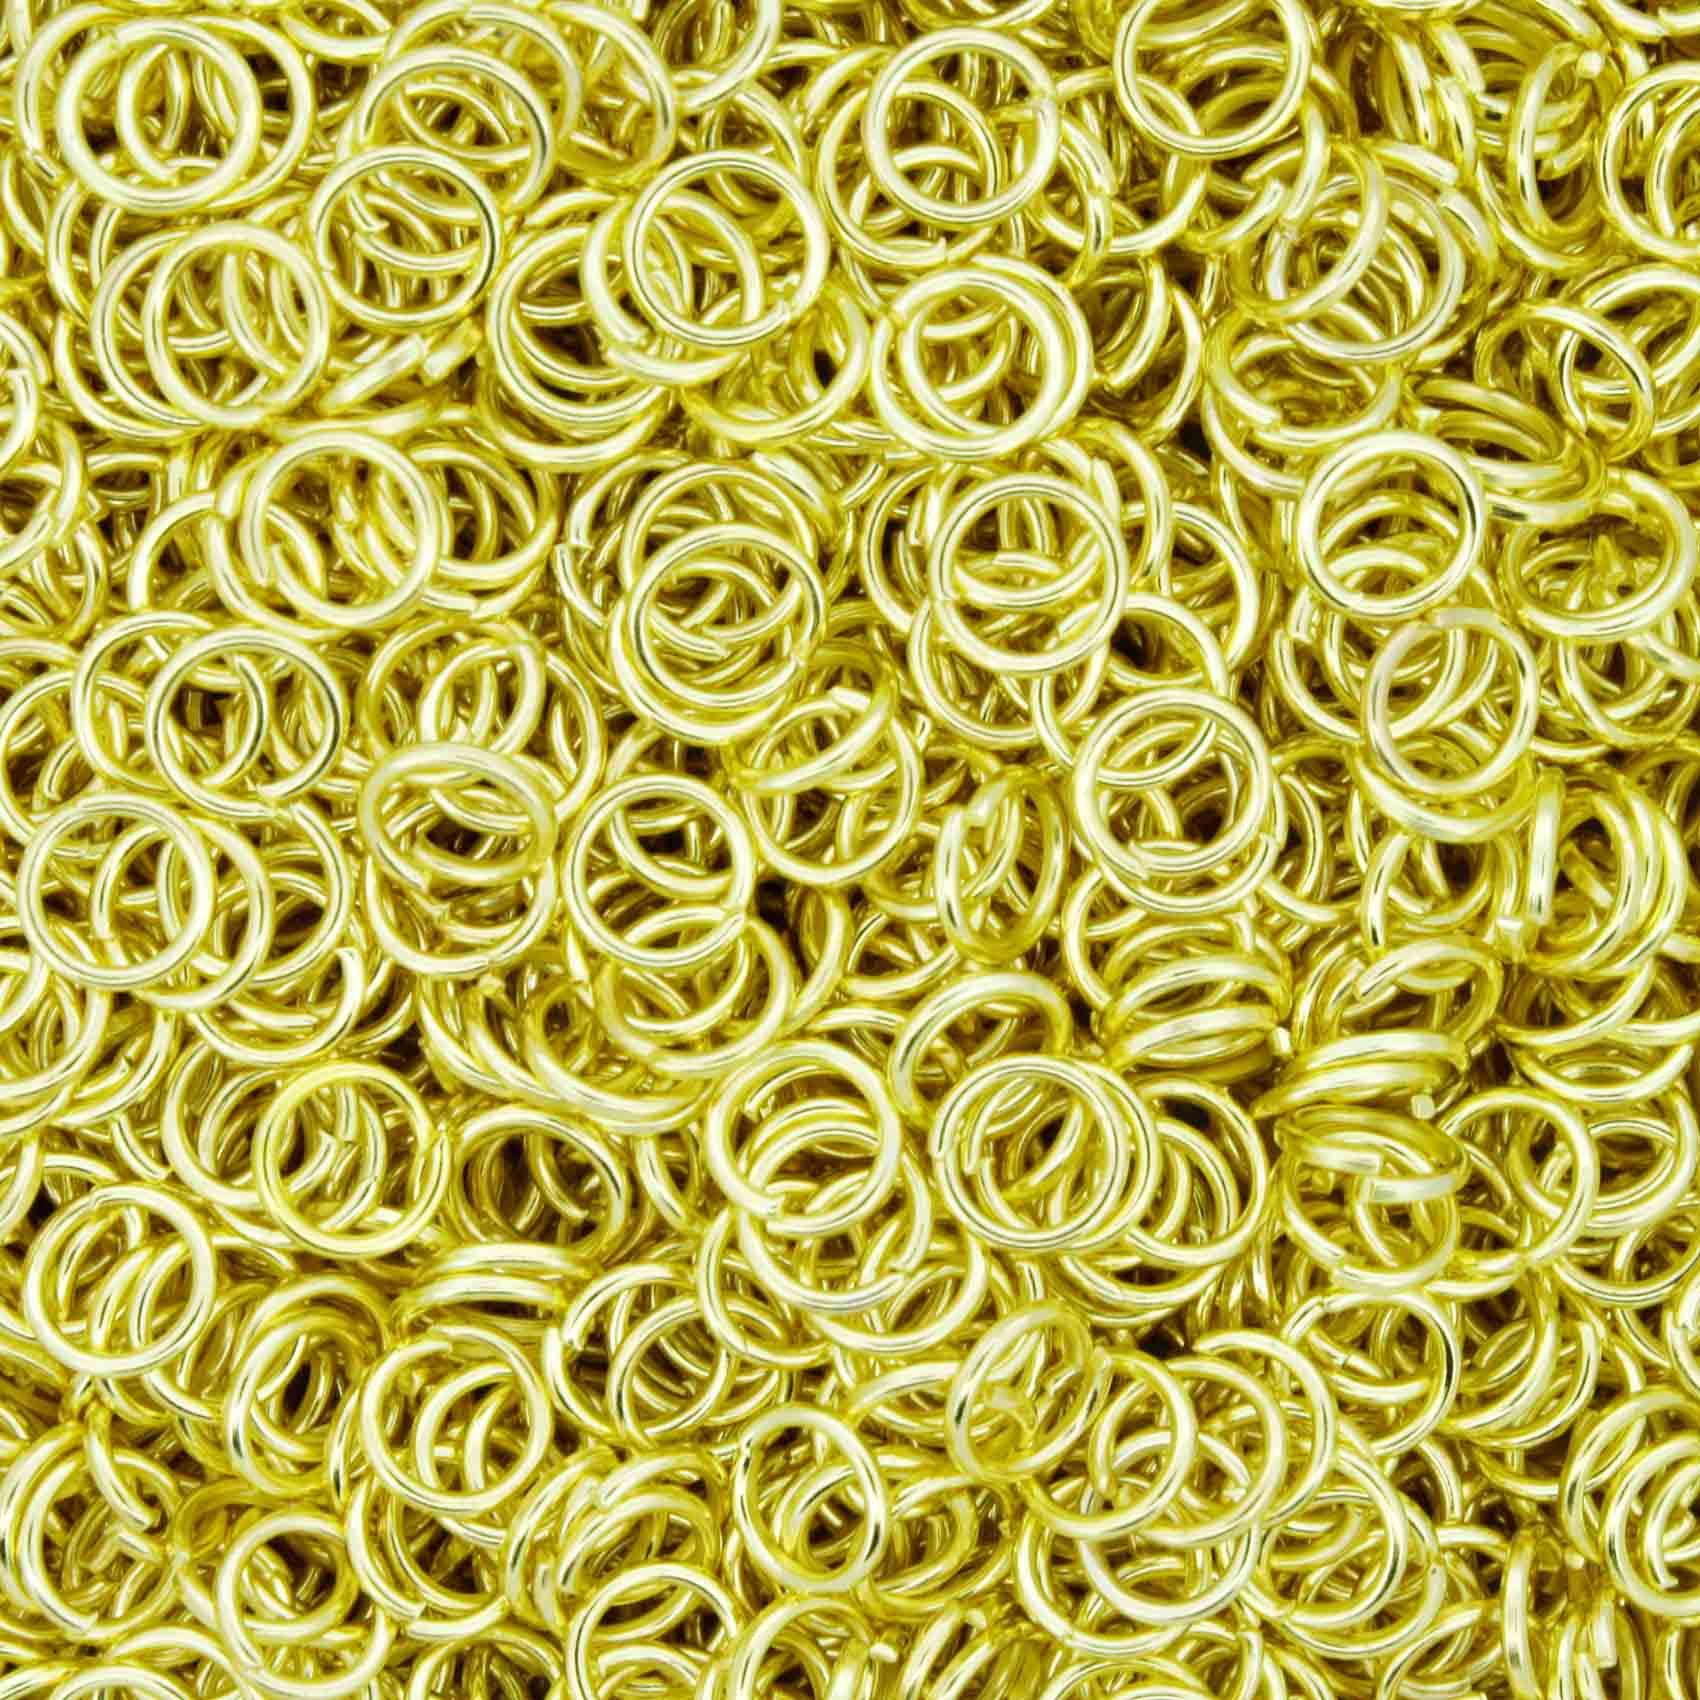 Argola p/ Montagem - Dourada - 5mm  - Universo Religioso® - Artigos de Umbanda e Candomblé